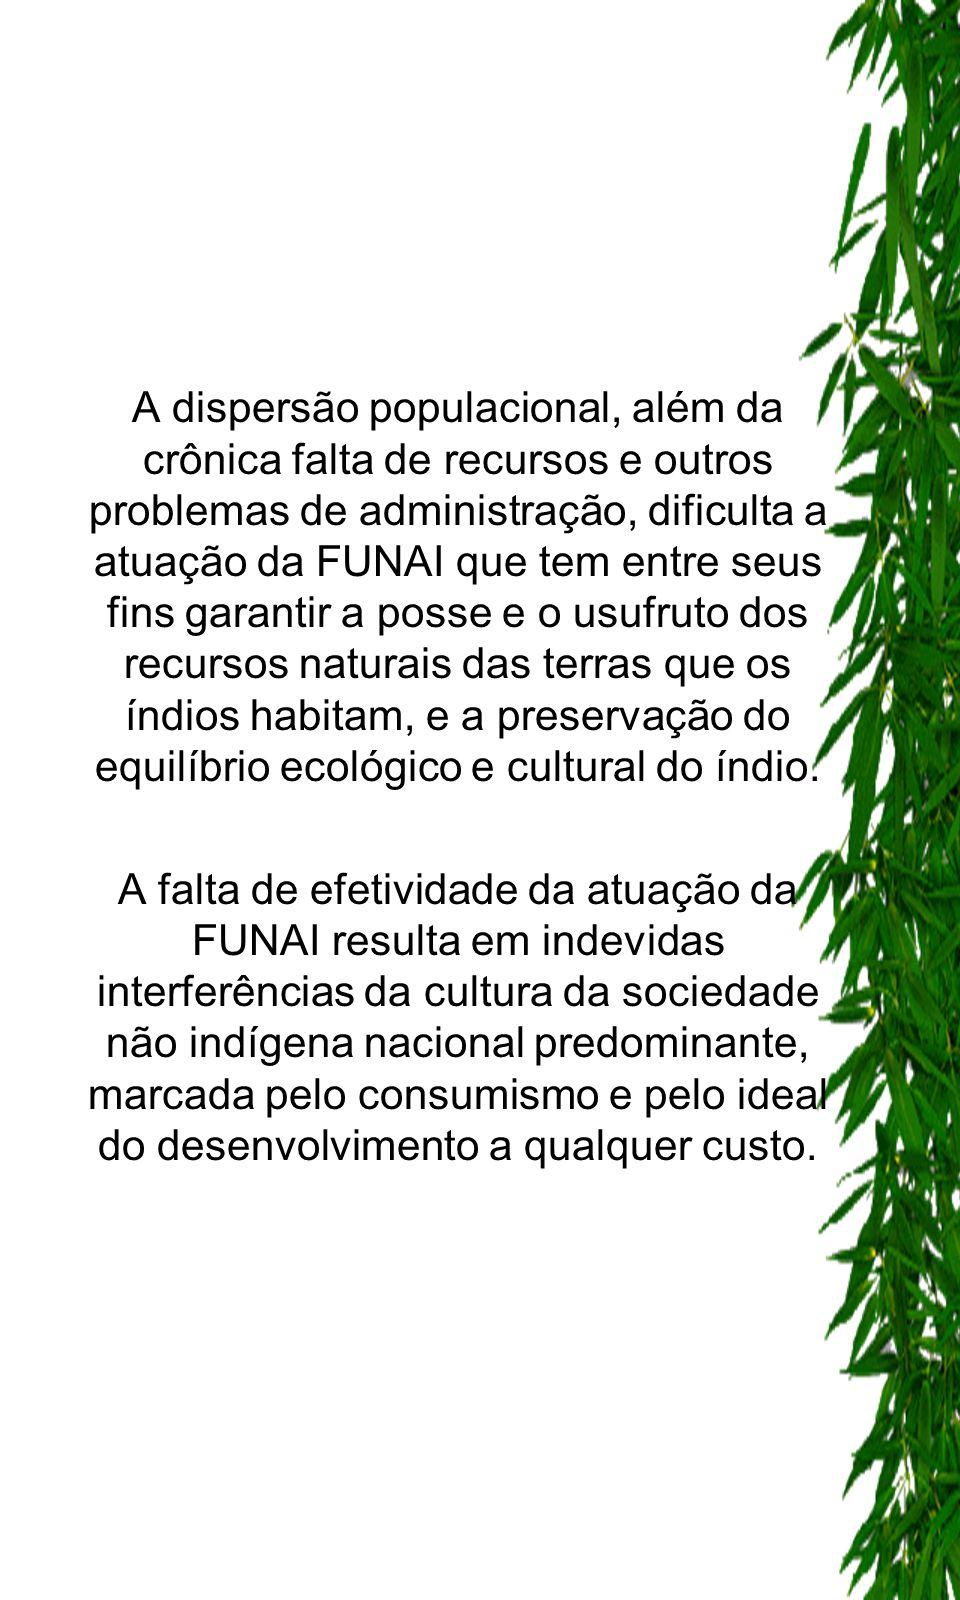 A dispersão populacional, além da crônica falta de recursos e outros problemas de administração, dificulta a atuação da FUNAI que tem entre seus fins garantir a posse e o usufruto dos recursos naturais das terras que os índios habitam, e a preservação do equilíbrio ecológico e cultural do índio.